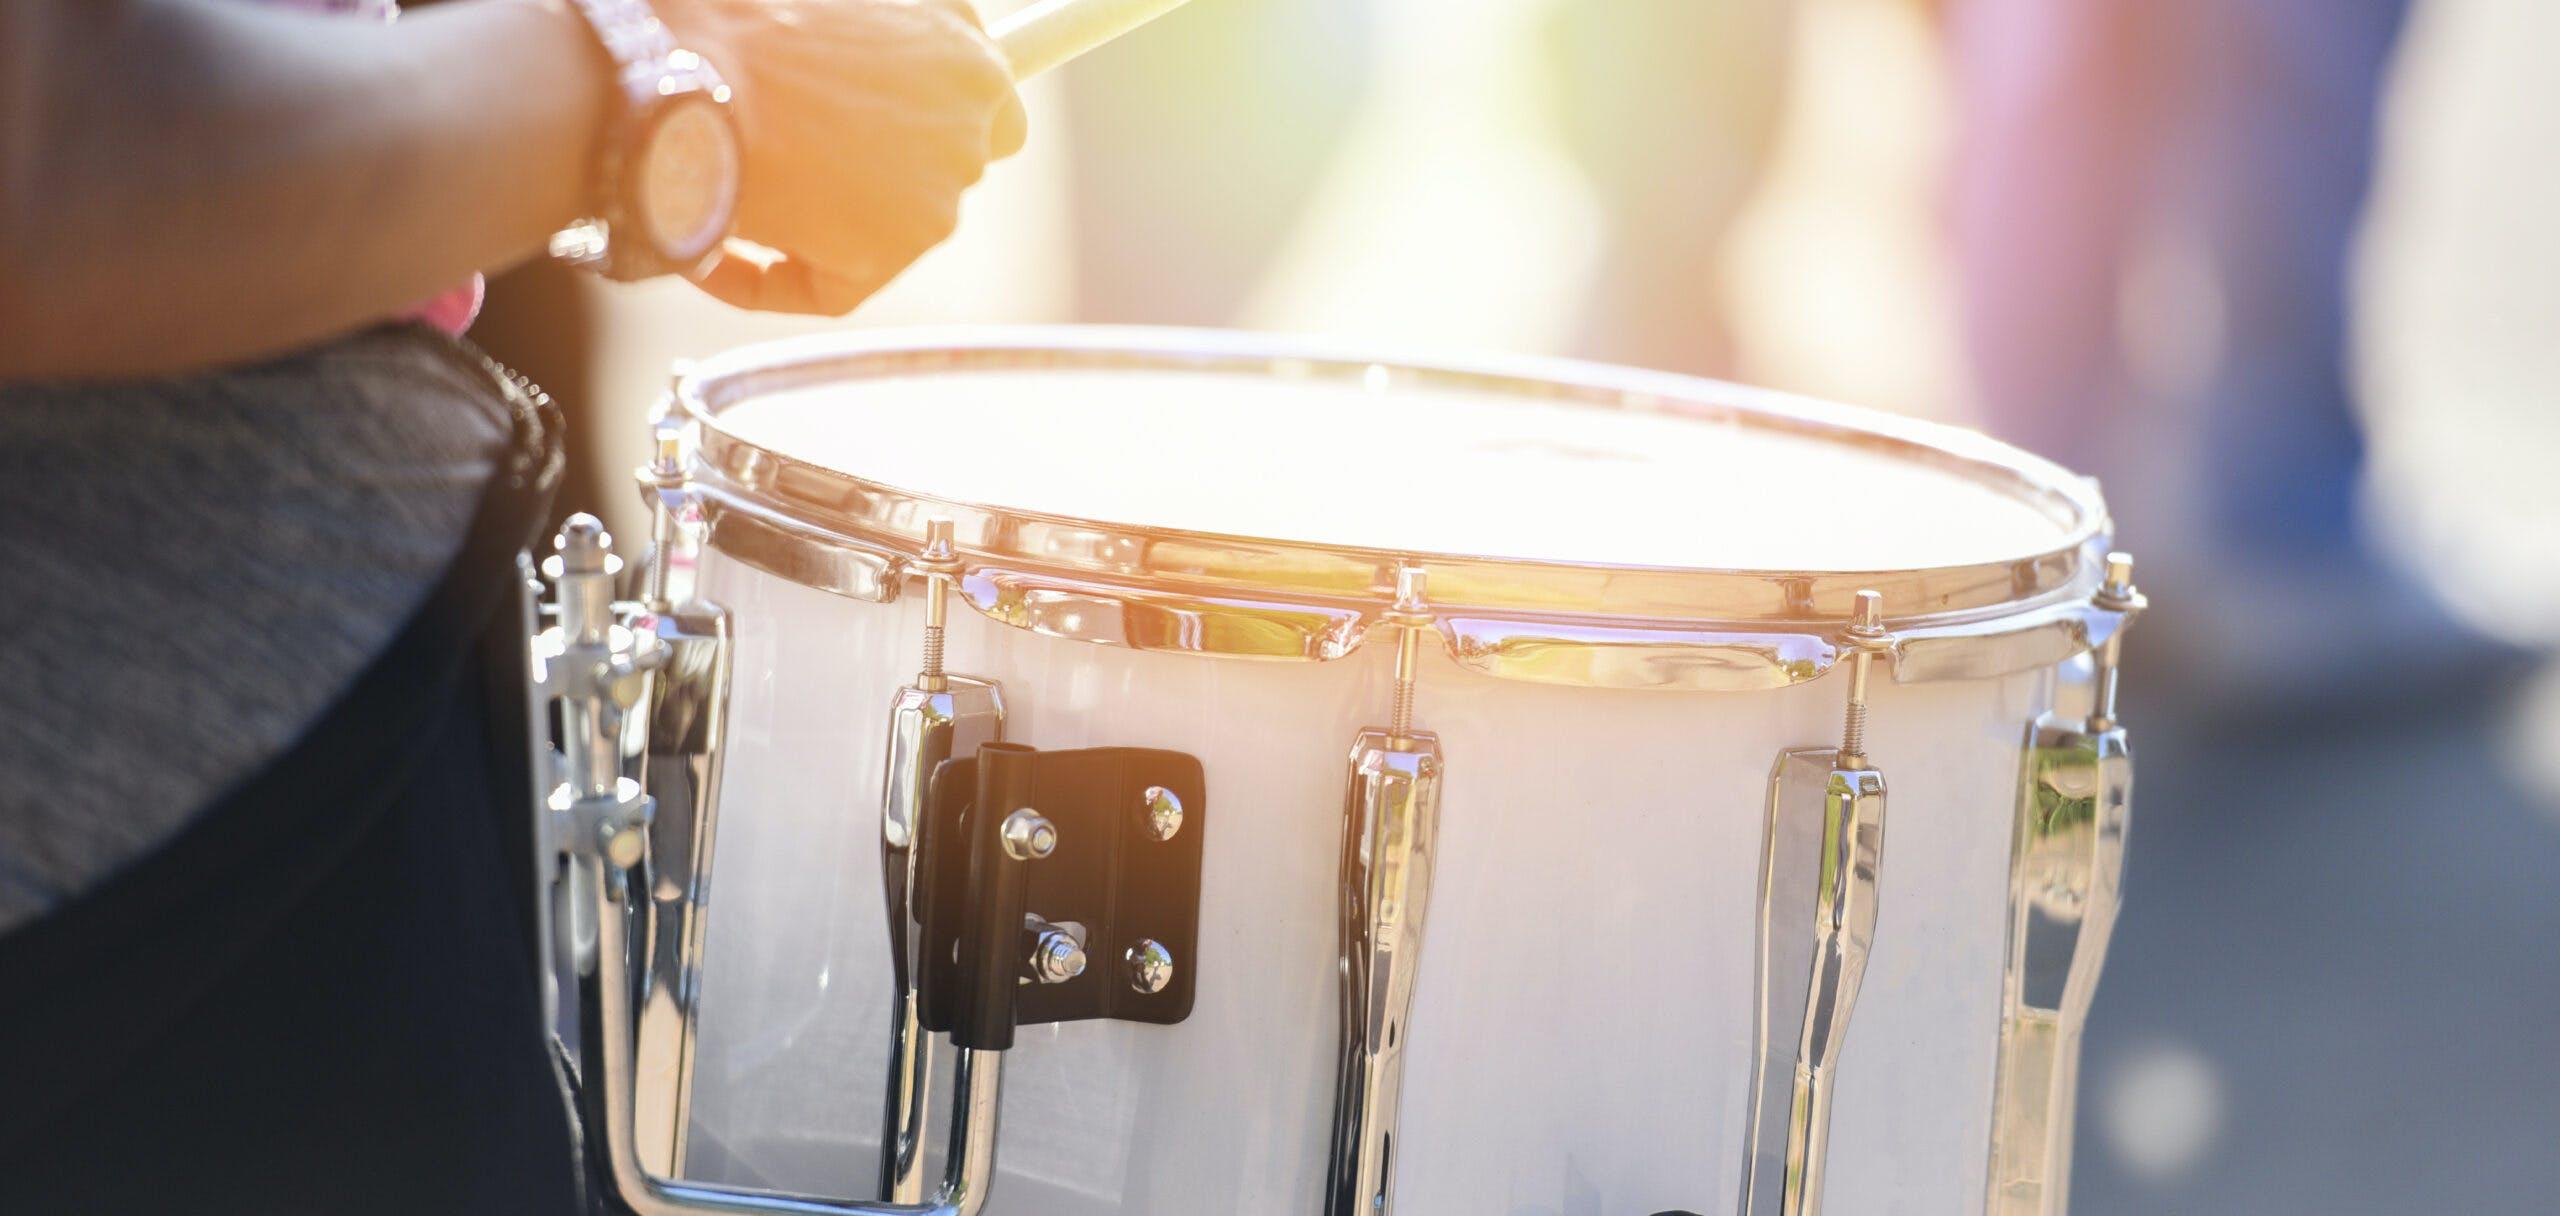 Camp de jour fanfare athlétique drumline - CEPSUM